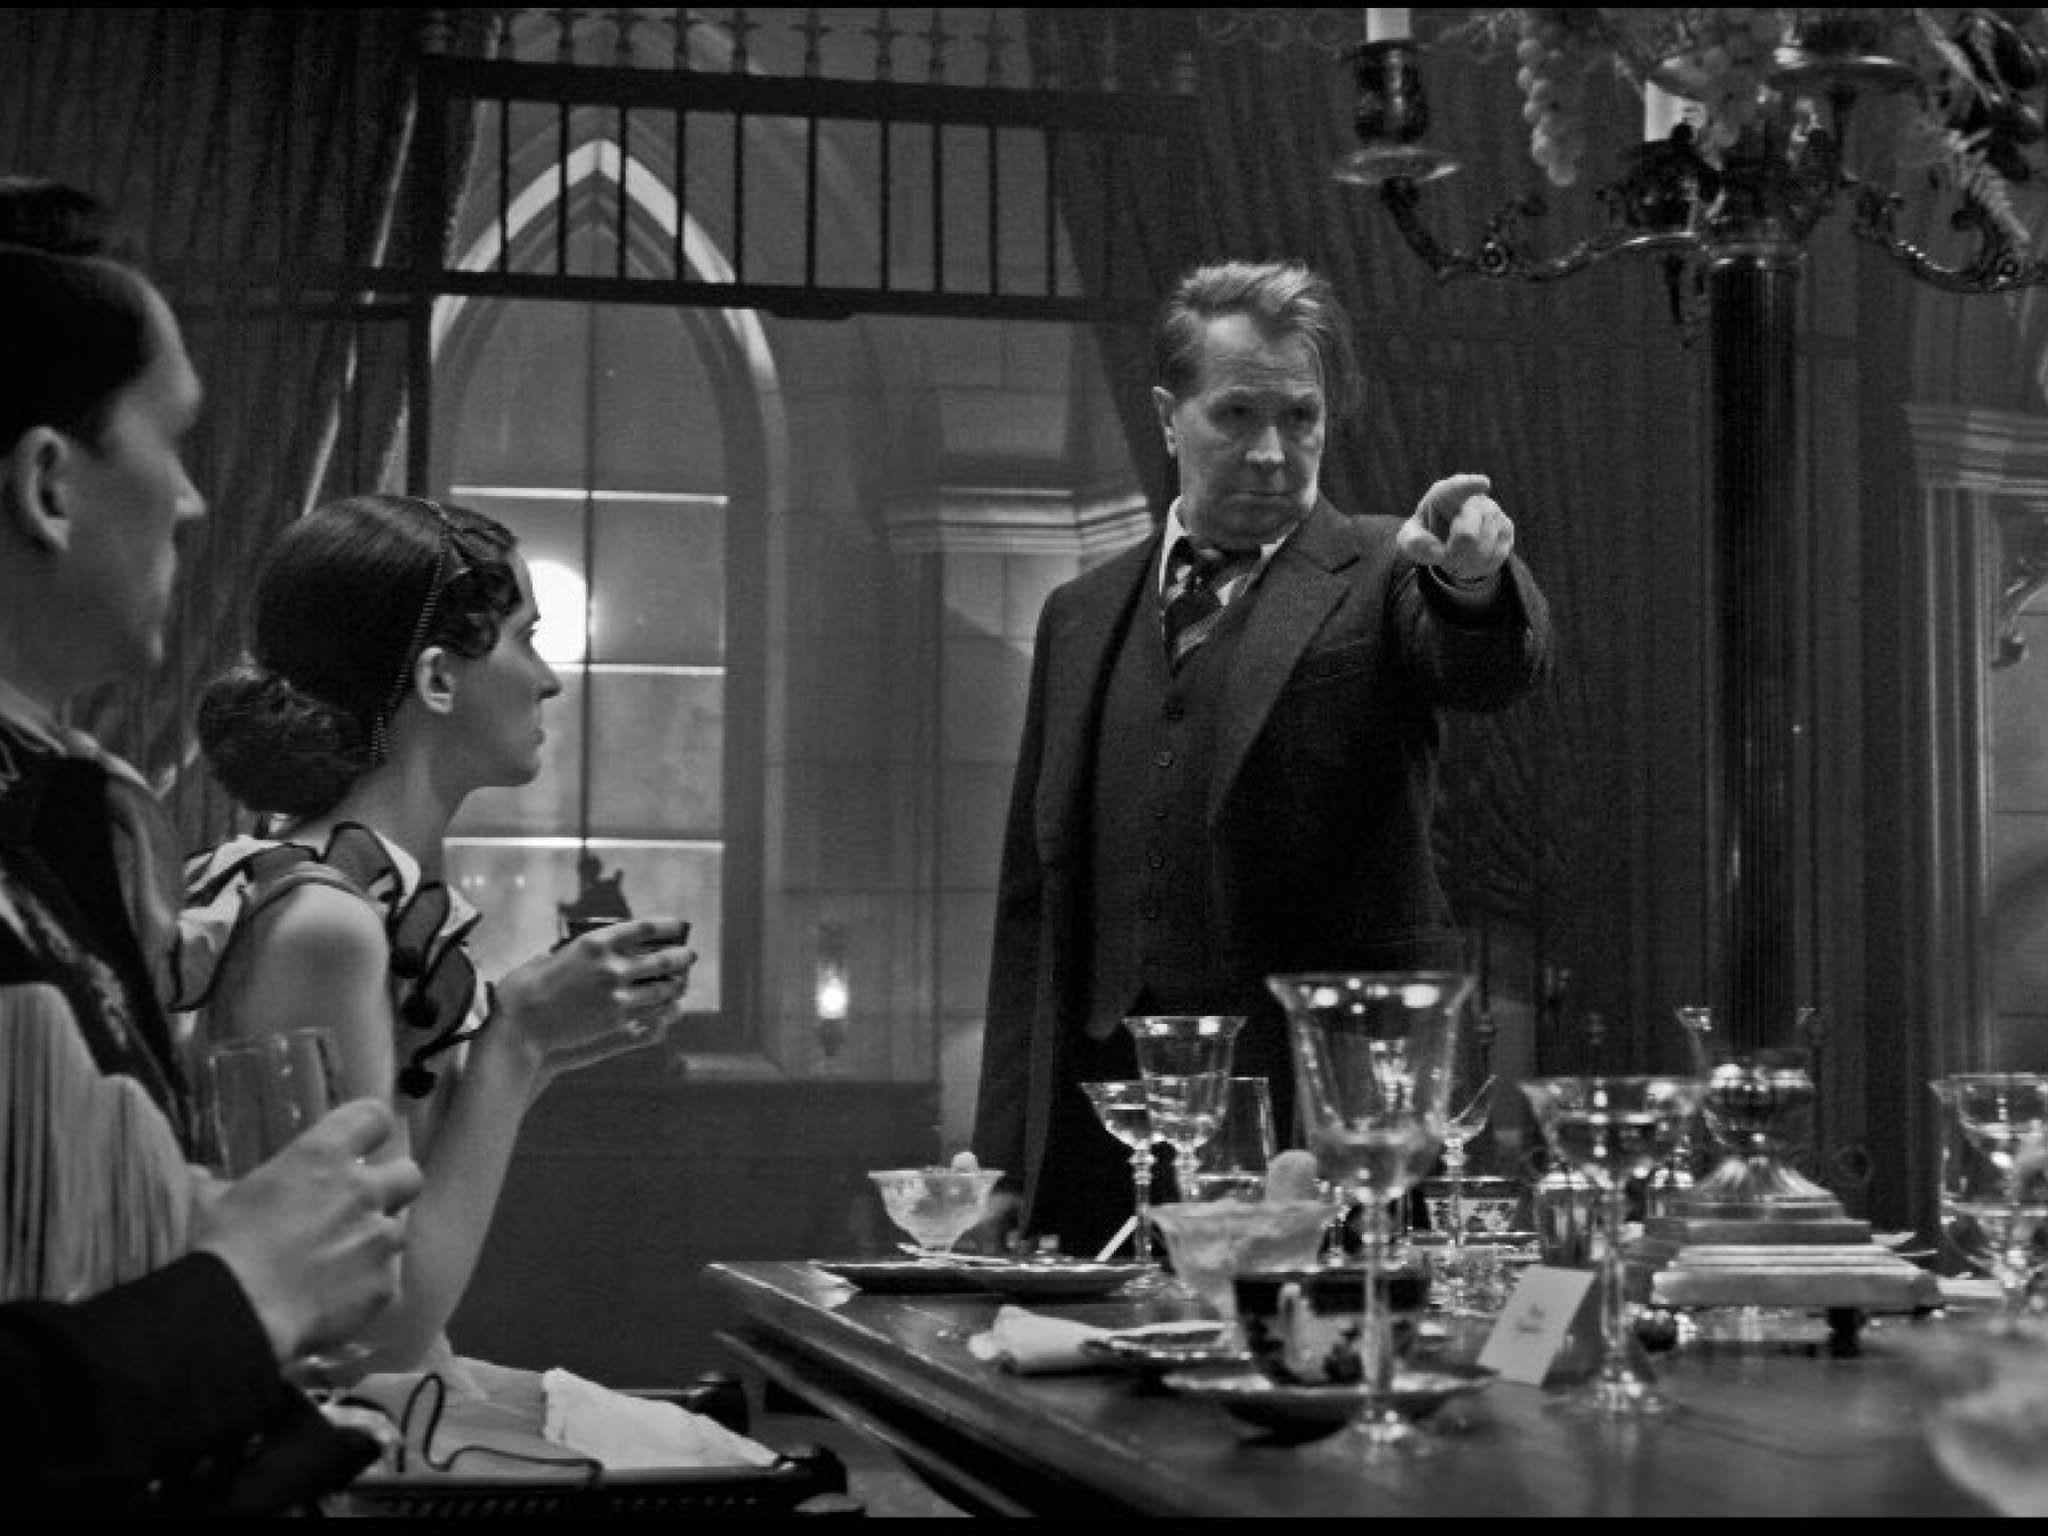 Snímek Mank je poutí po večírcích plných šampaňského a tvrdých loktů.